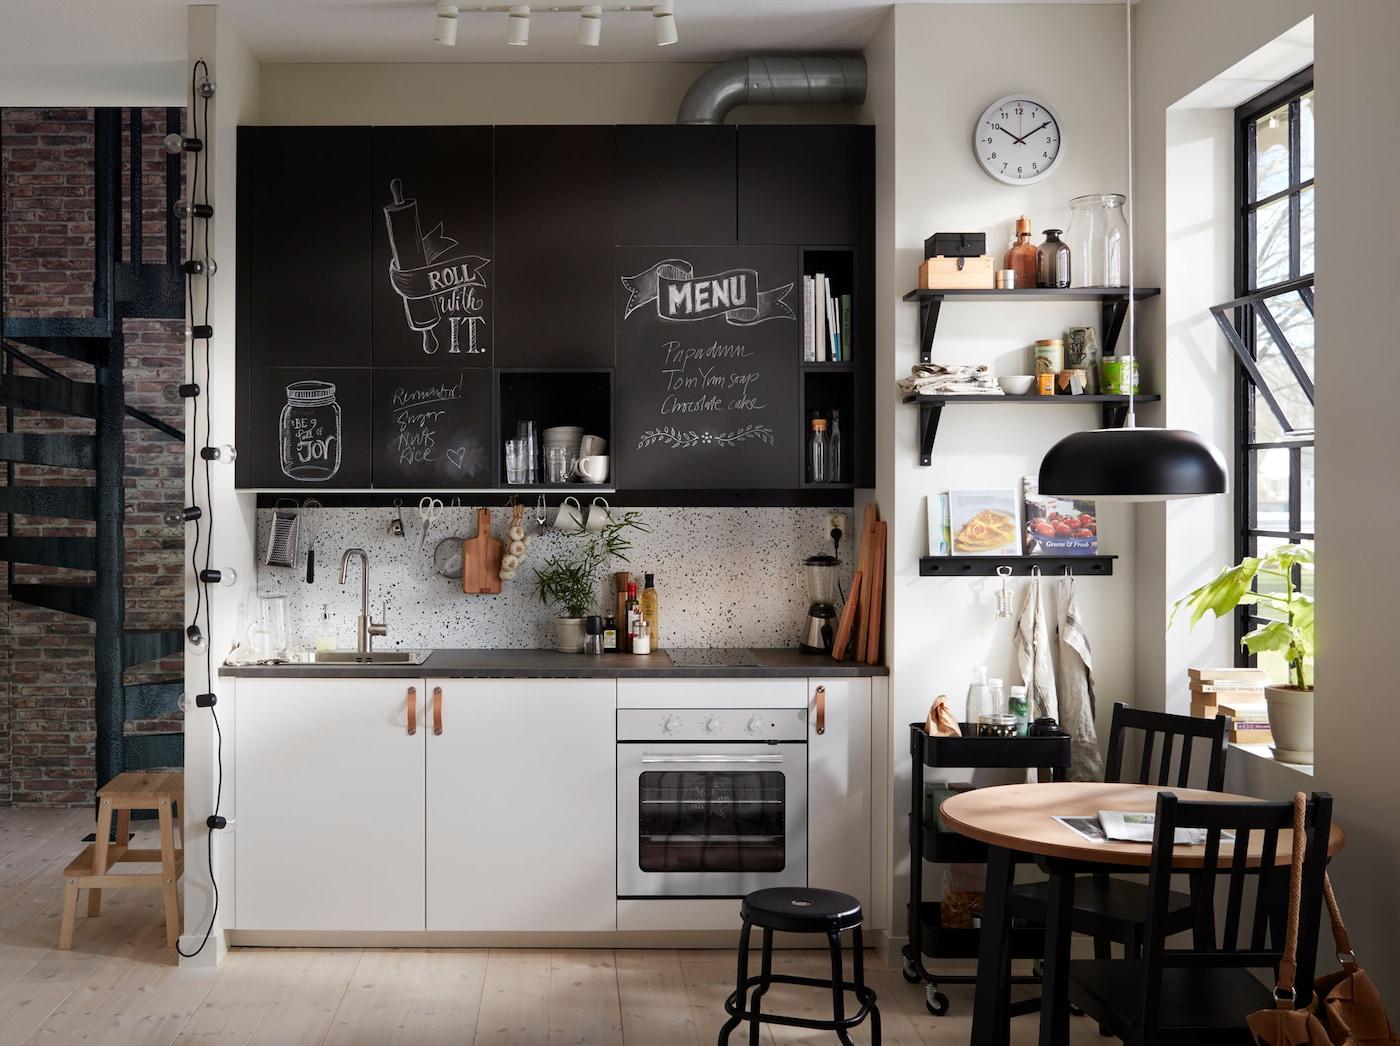 Kleine witte keuken met keukendeuren waarop je teksten kunt krijten